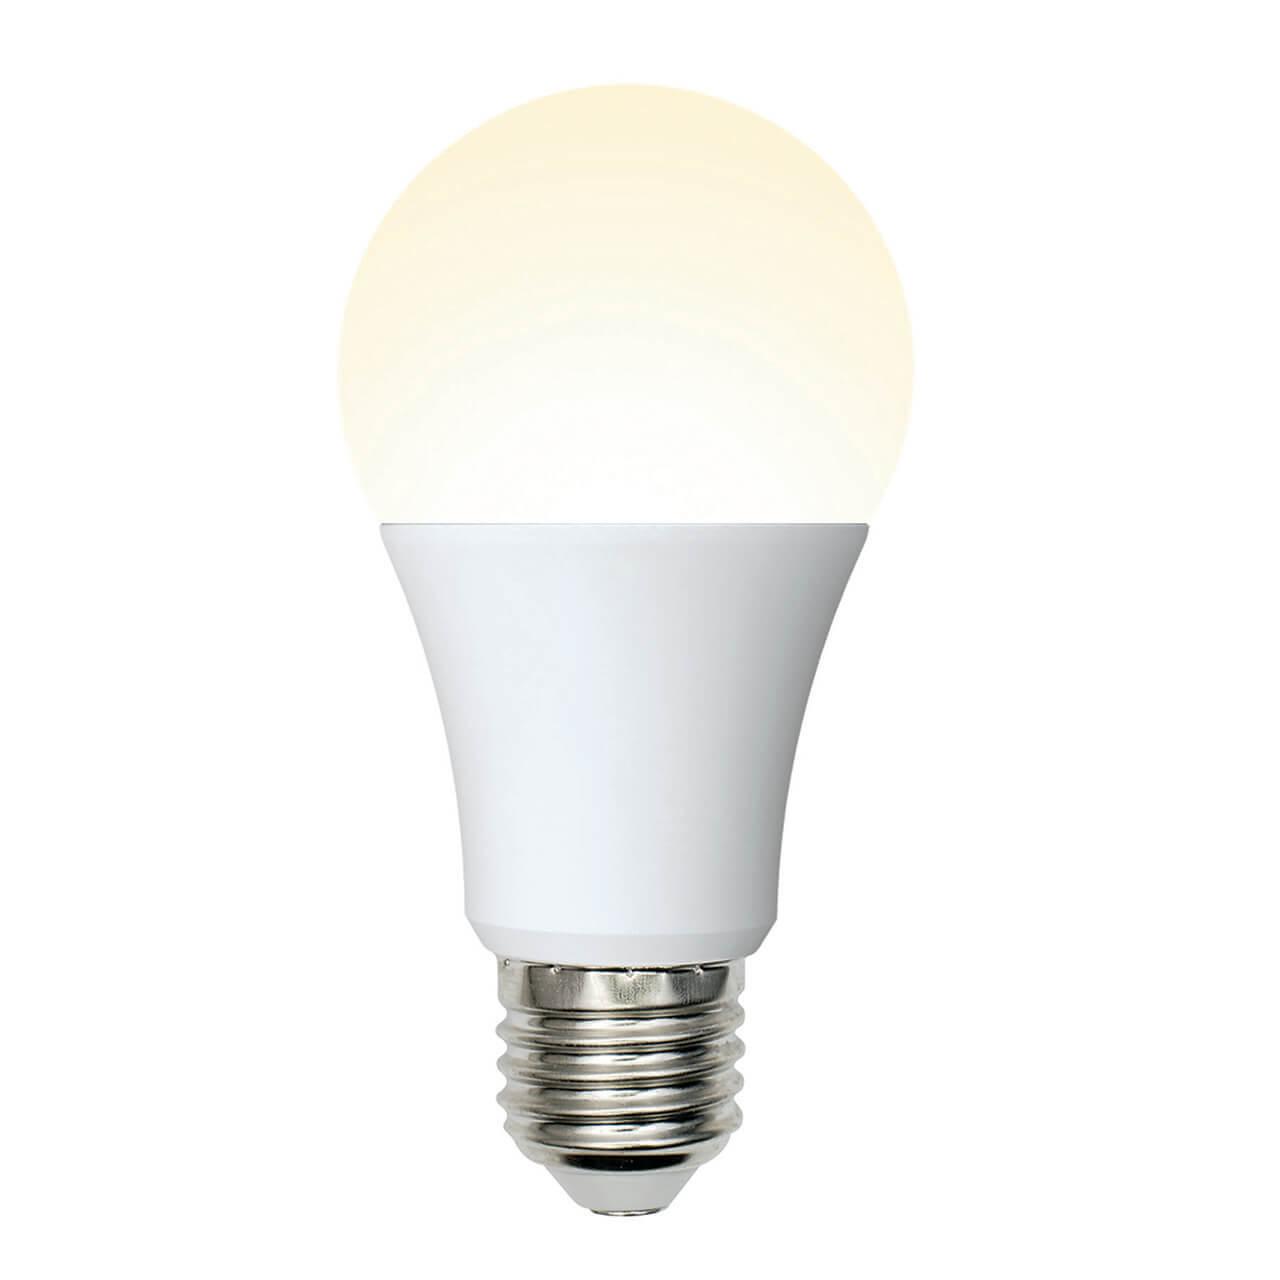 Лампа светодиодная (UL-00002371) Uniel E27 10W 3000K матовая LED-A60-10W/WW/E27/FR/MB PLM11WH